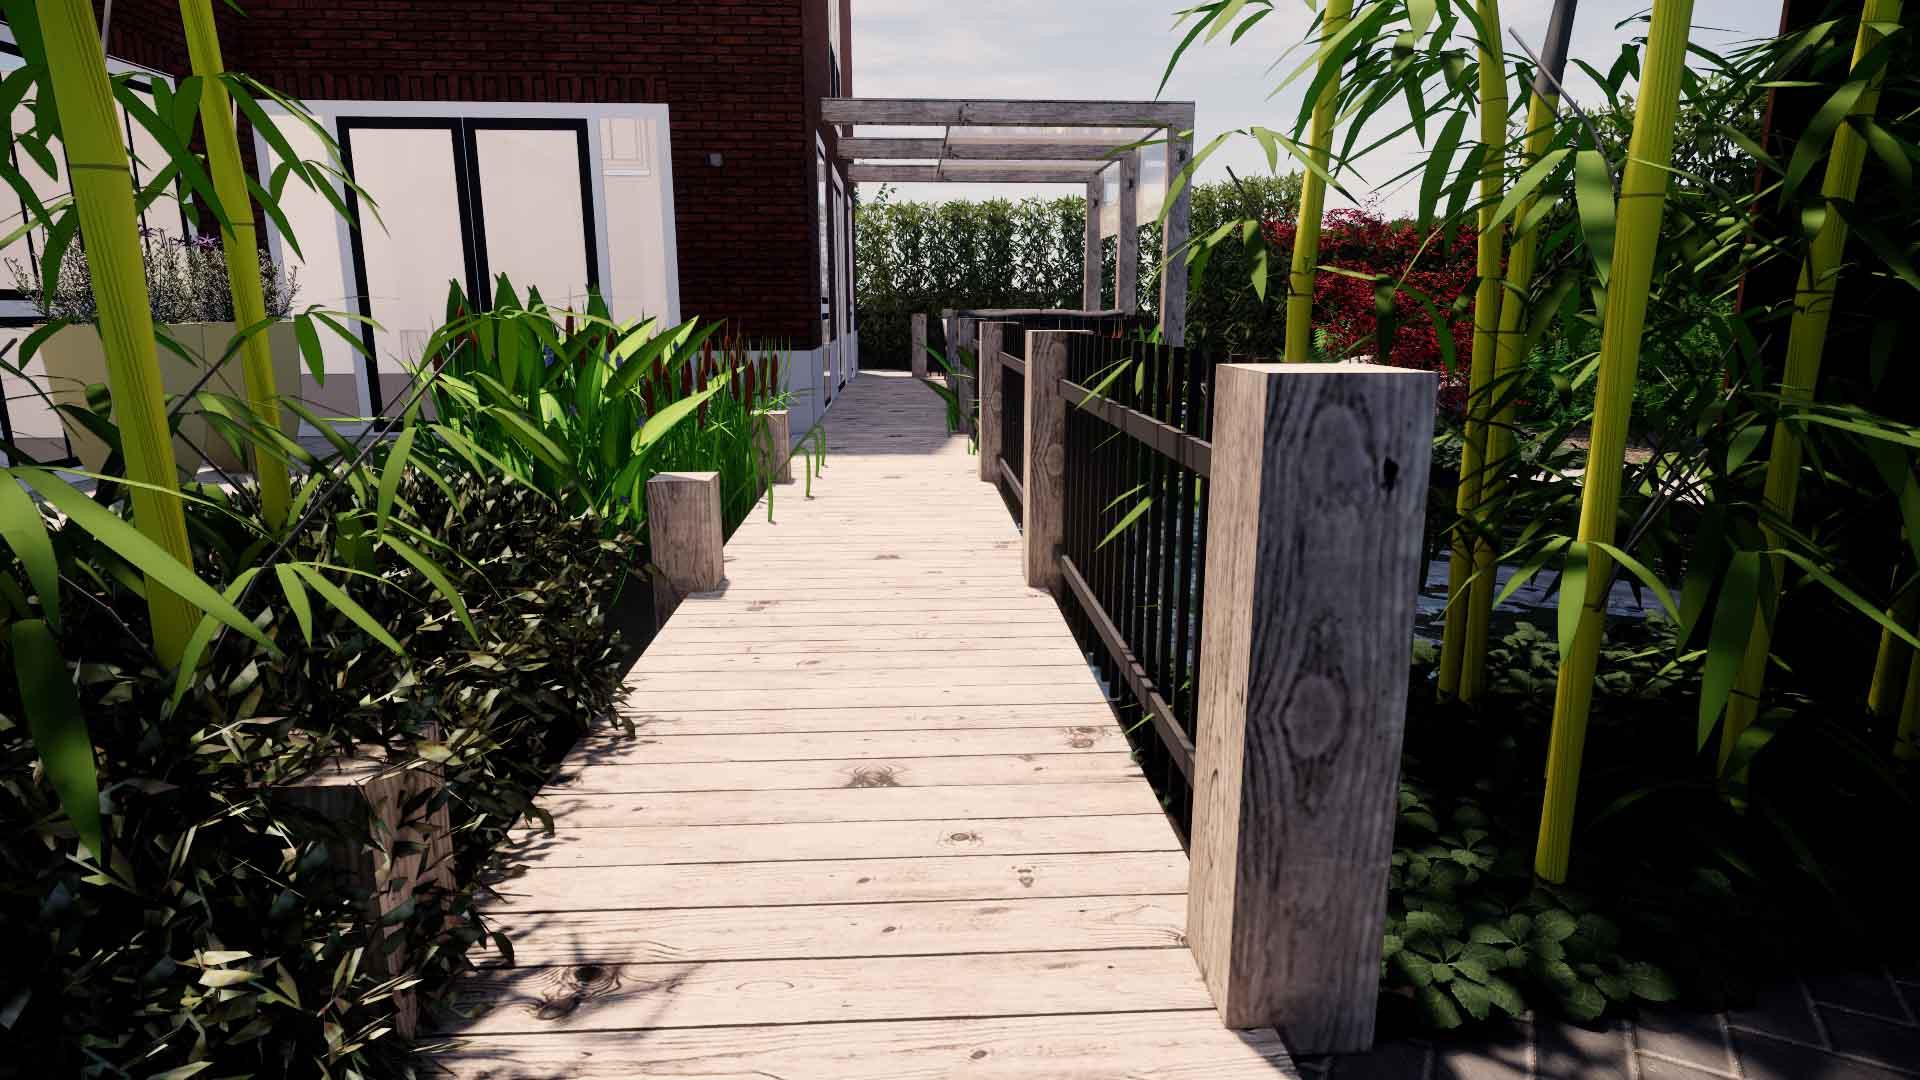 Oosterse_tuin_met_bamboe_enloopbrug.jpg